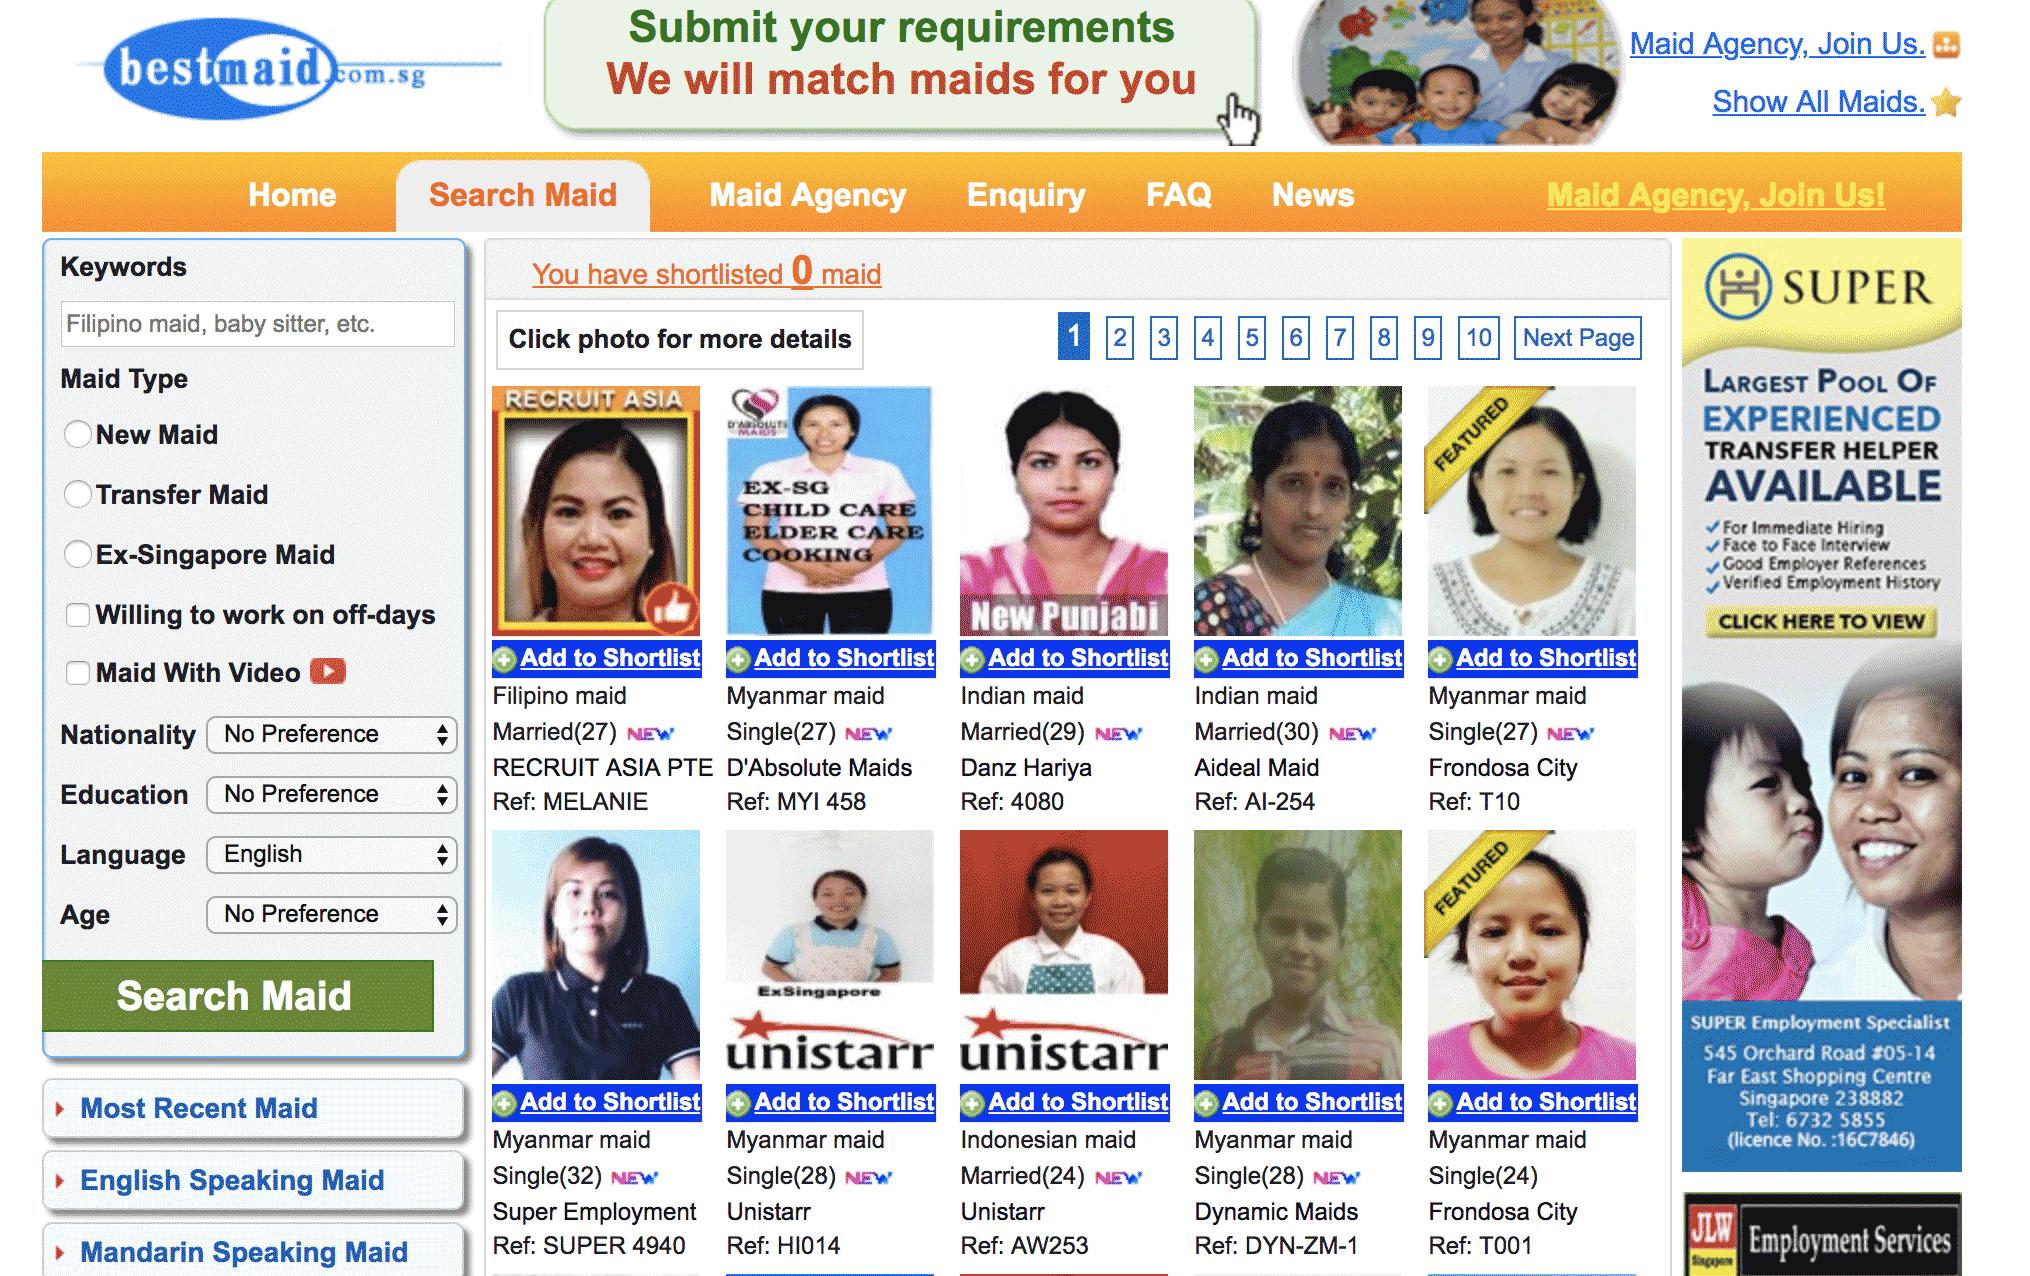 Англоязычные помощницы на сайте Bestmaid.com.sg